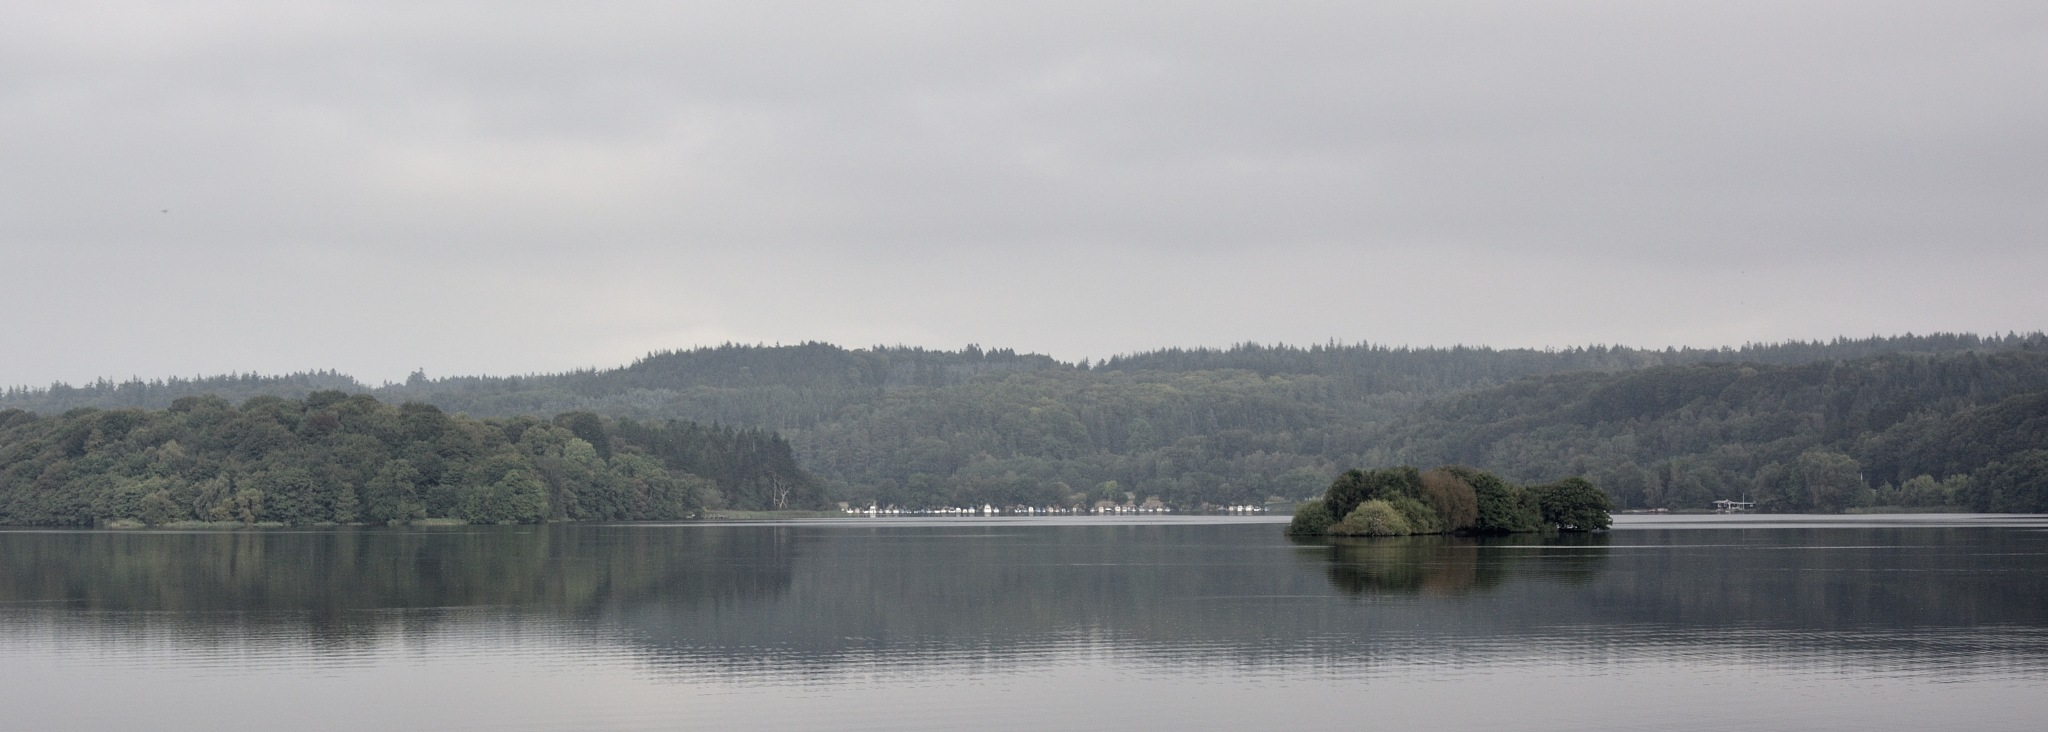 gray scale at the lake by Poul-Erik Riis